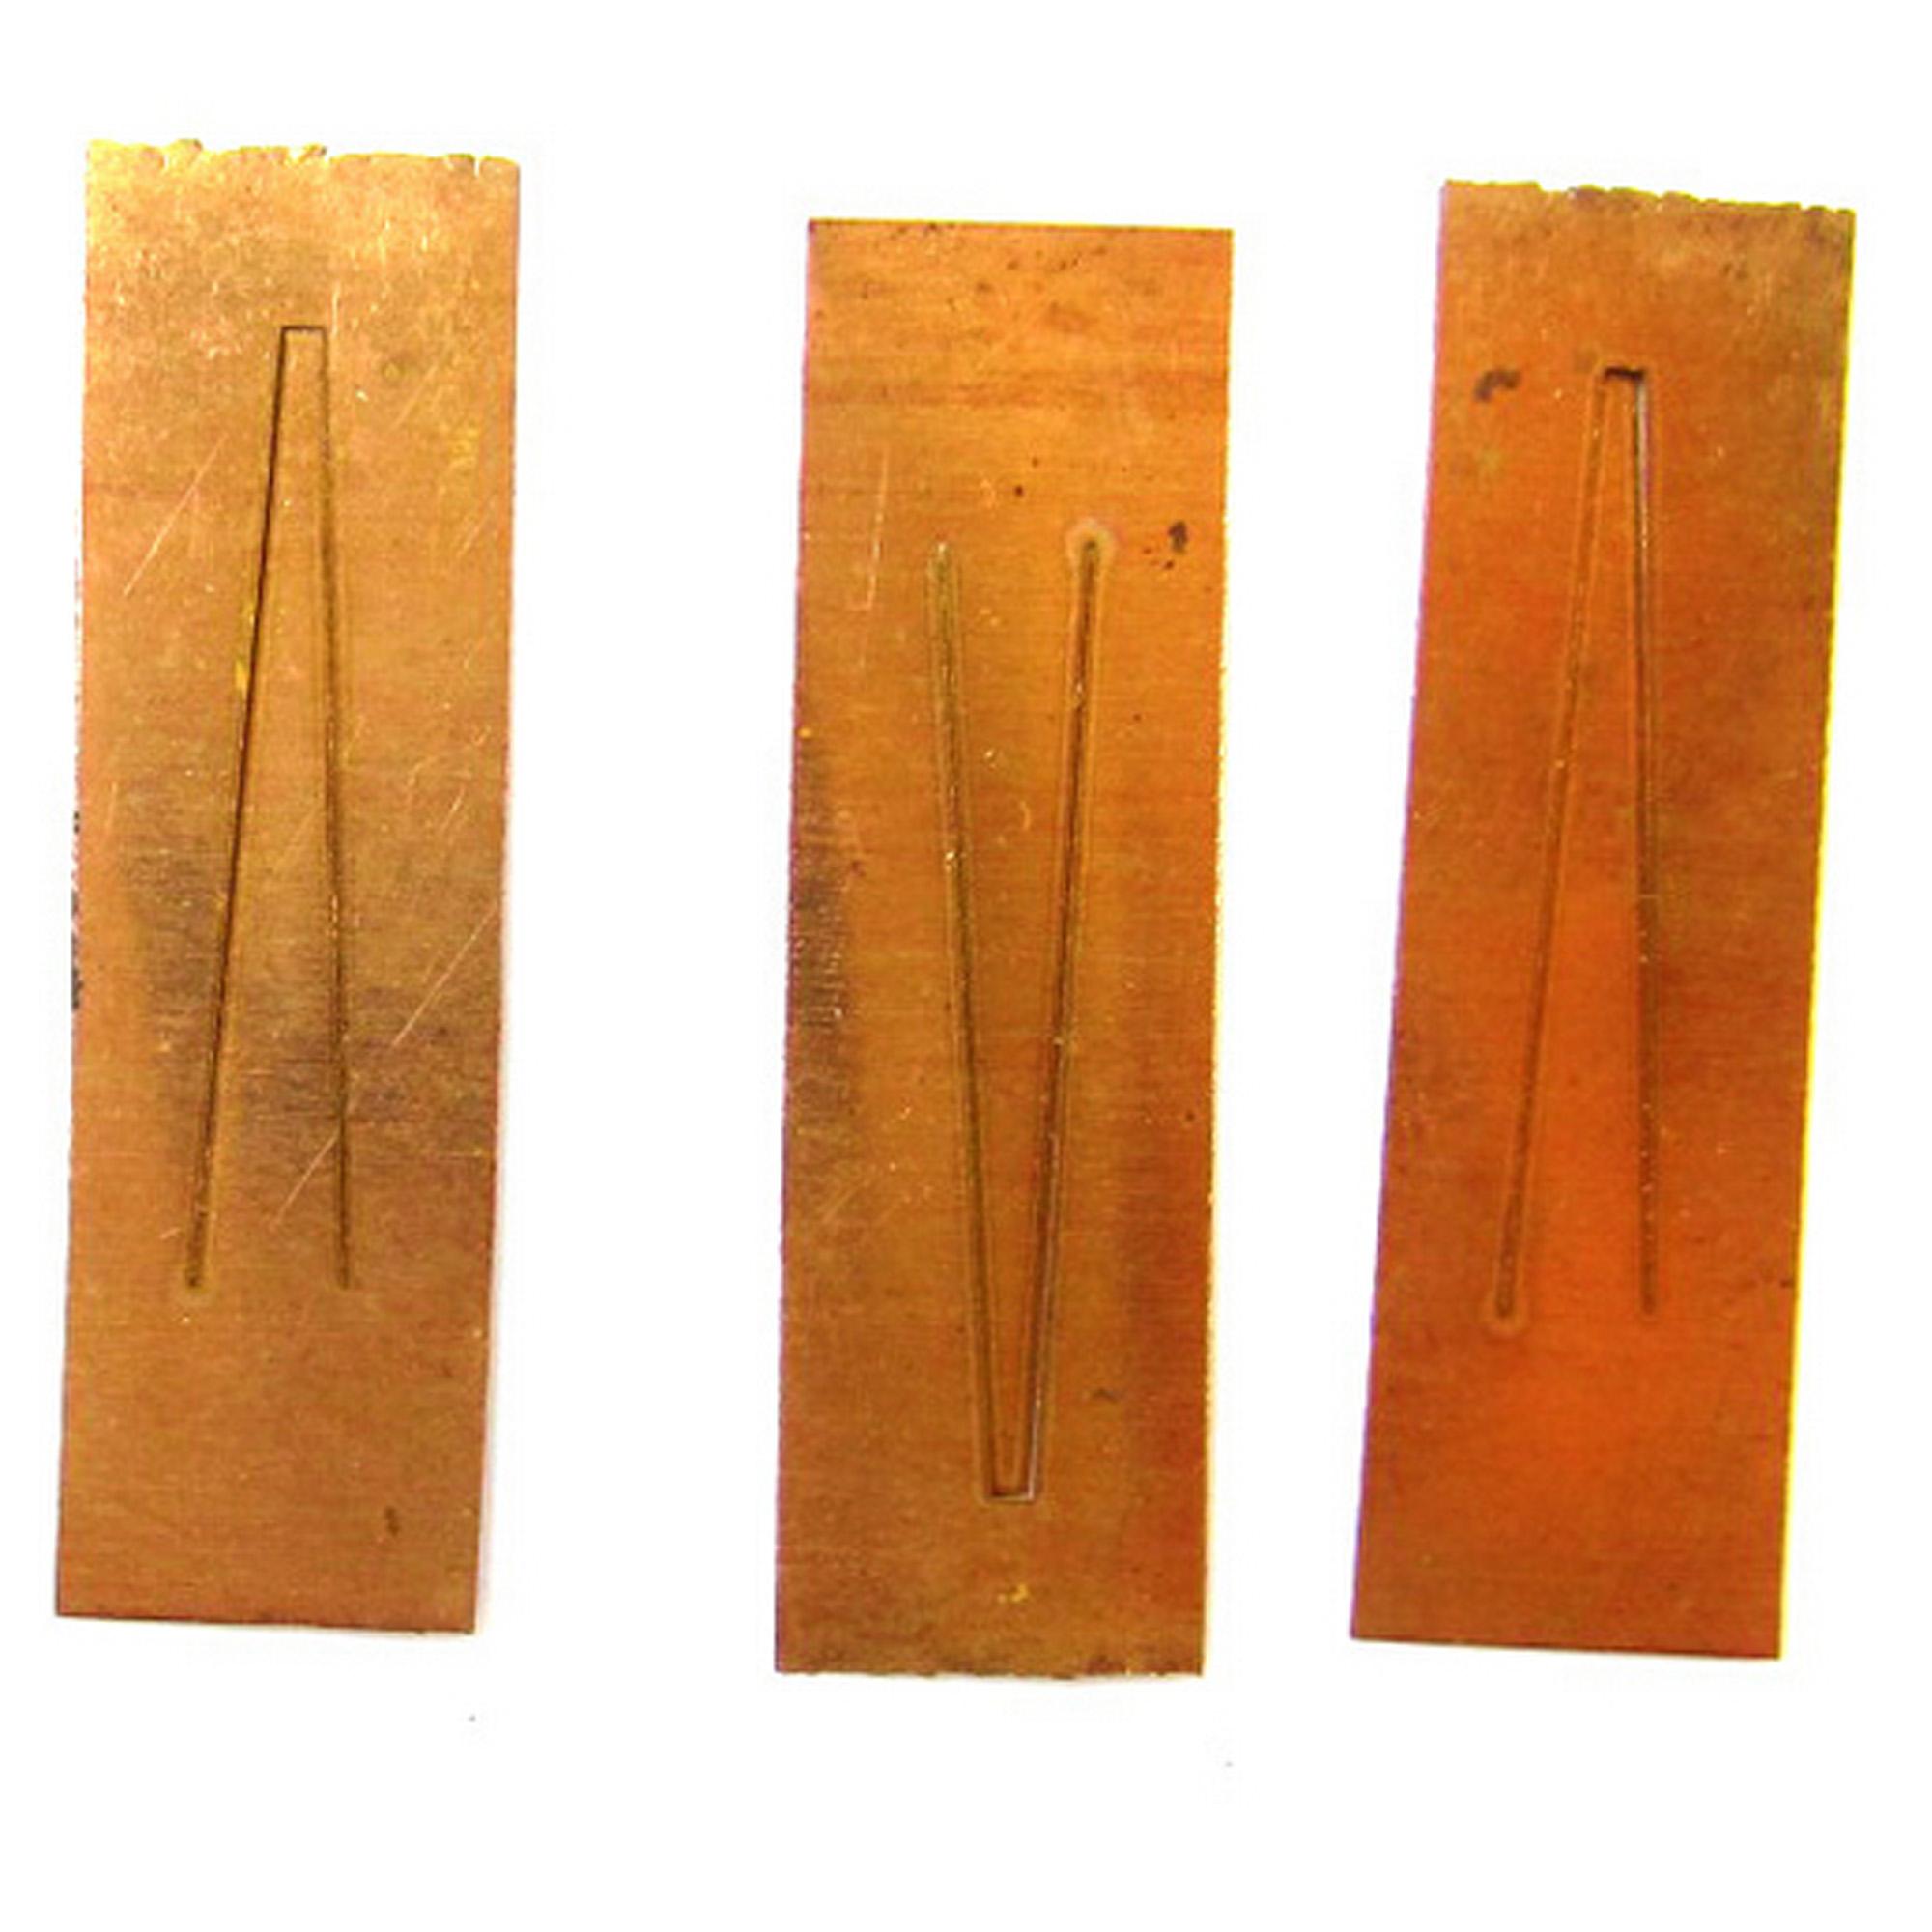 Hulusi bawu Lusheng Reed Reed de cobre de cobre el cobre abcdfg ajuste personalizado de cada primavera